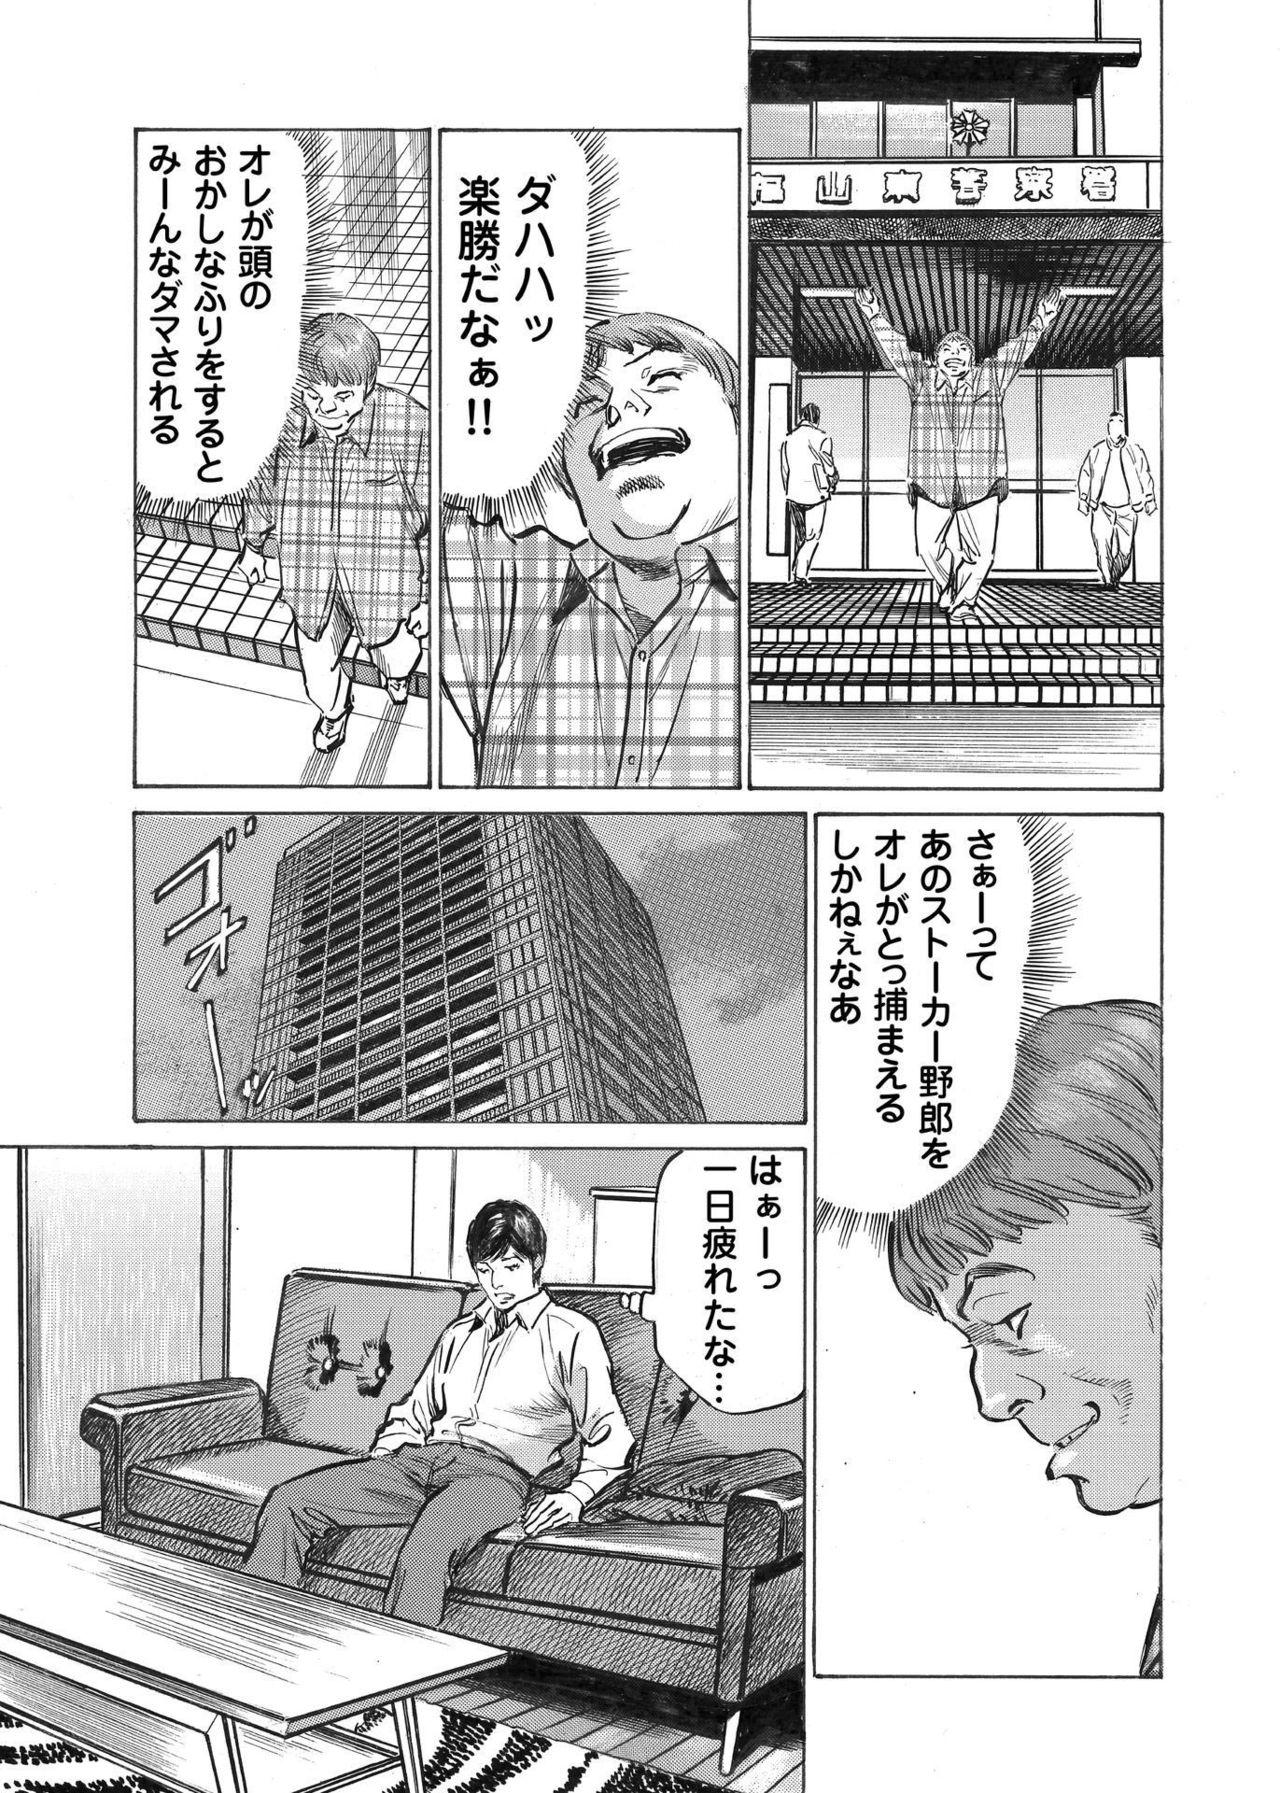 Ore wa Tsuma no Koto o Yoku Shiranai 1-9 132